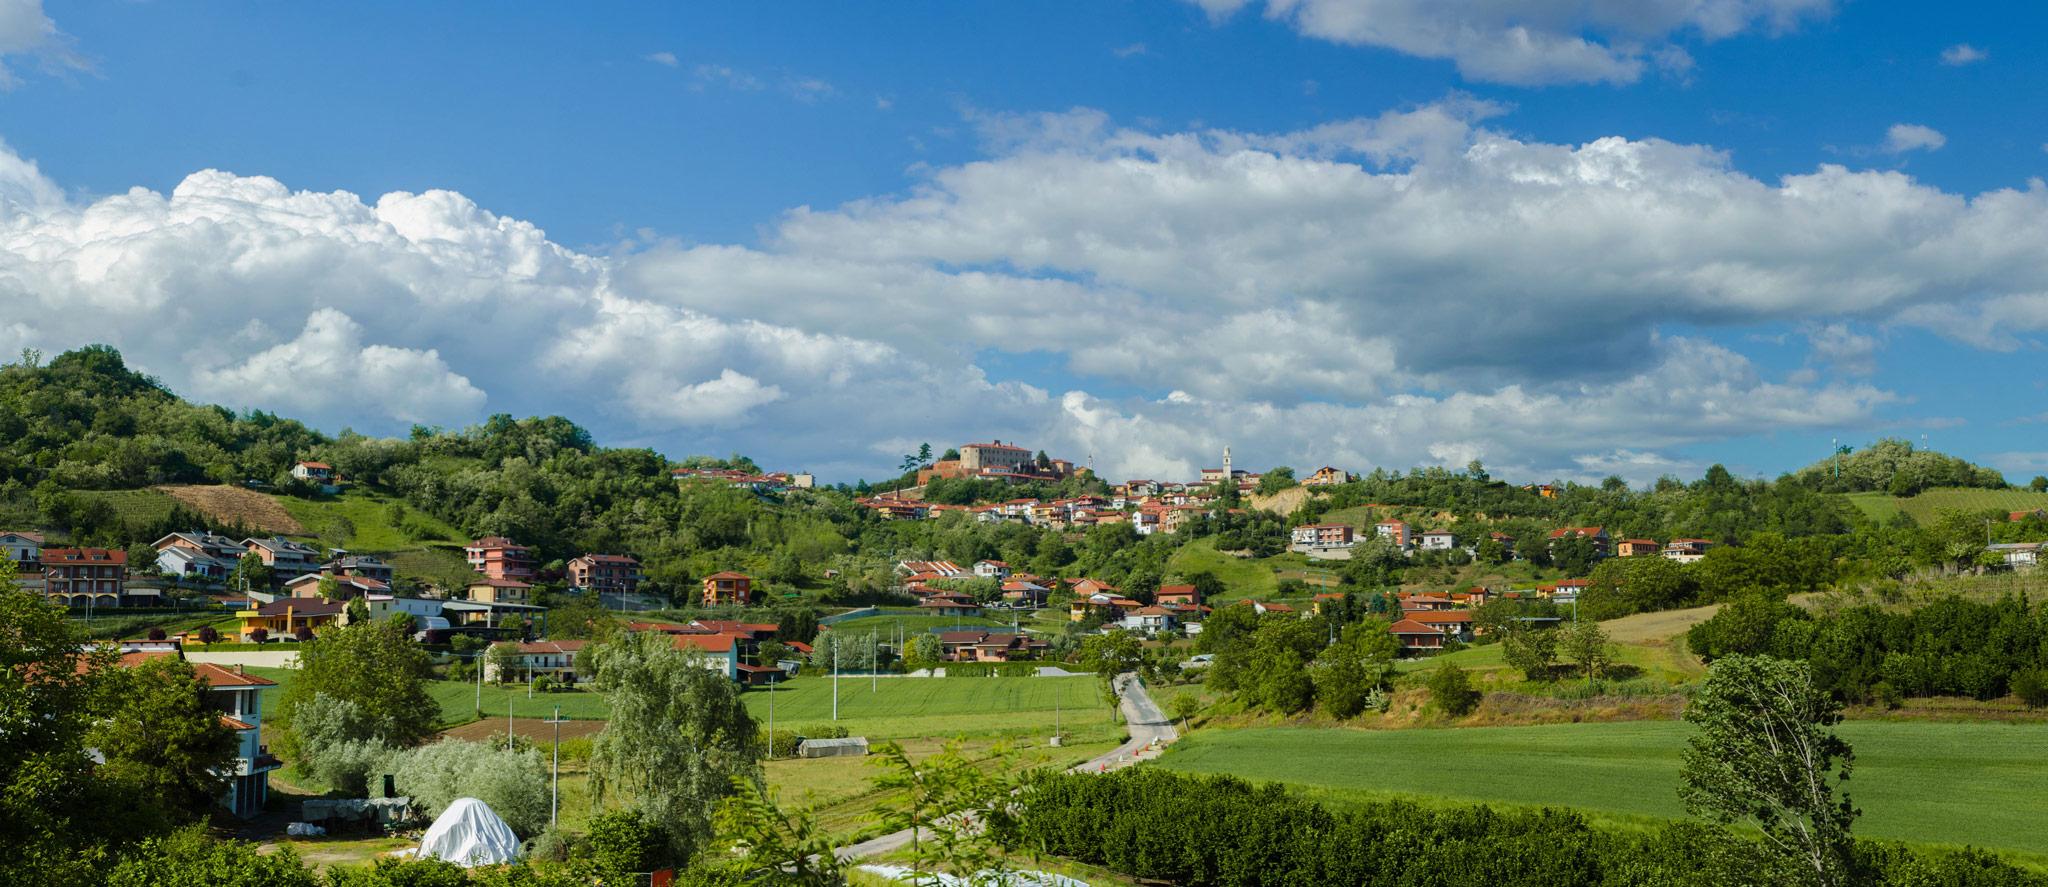 Paesaggi-Italia - Panorama Pocapaglia 2 2 - Fotografie-del-Roero-Pocapaglia - Fotografie-del-Roero-Pocapaglia